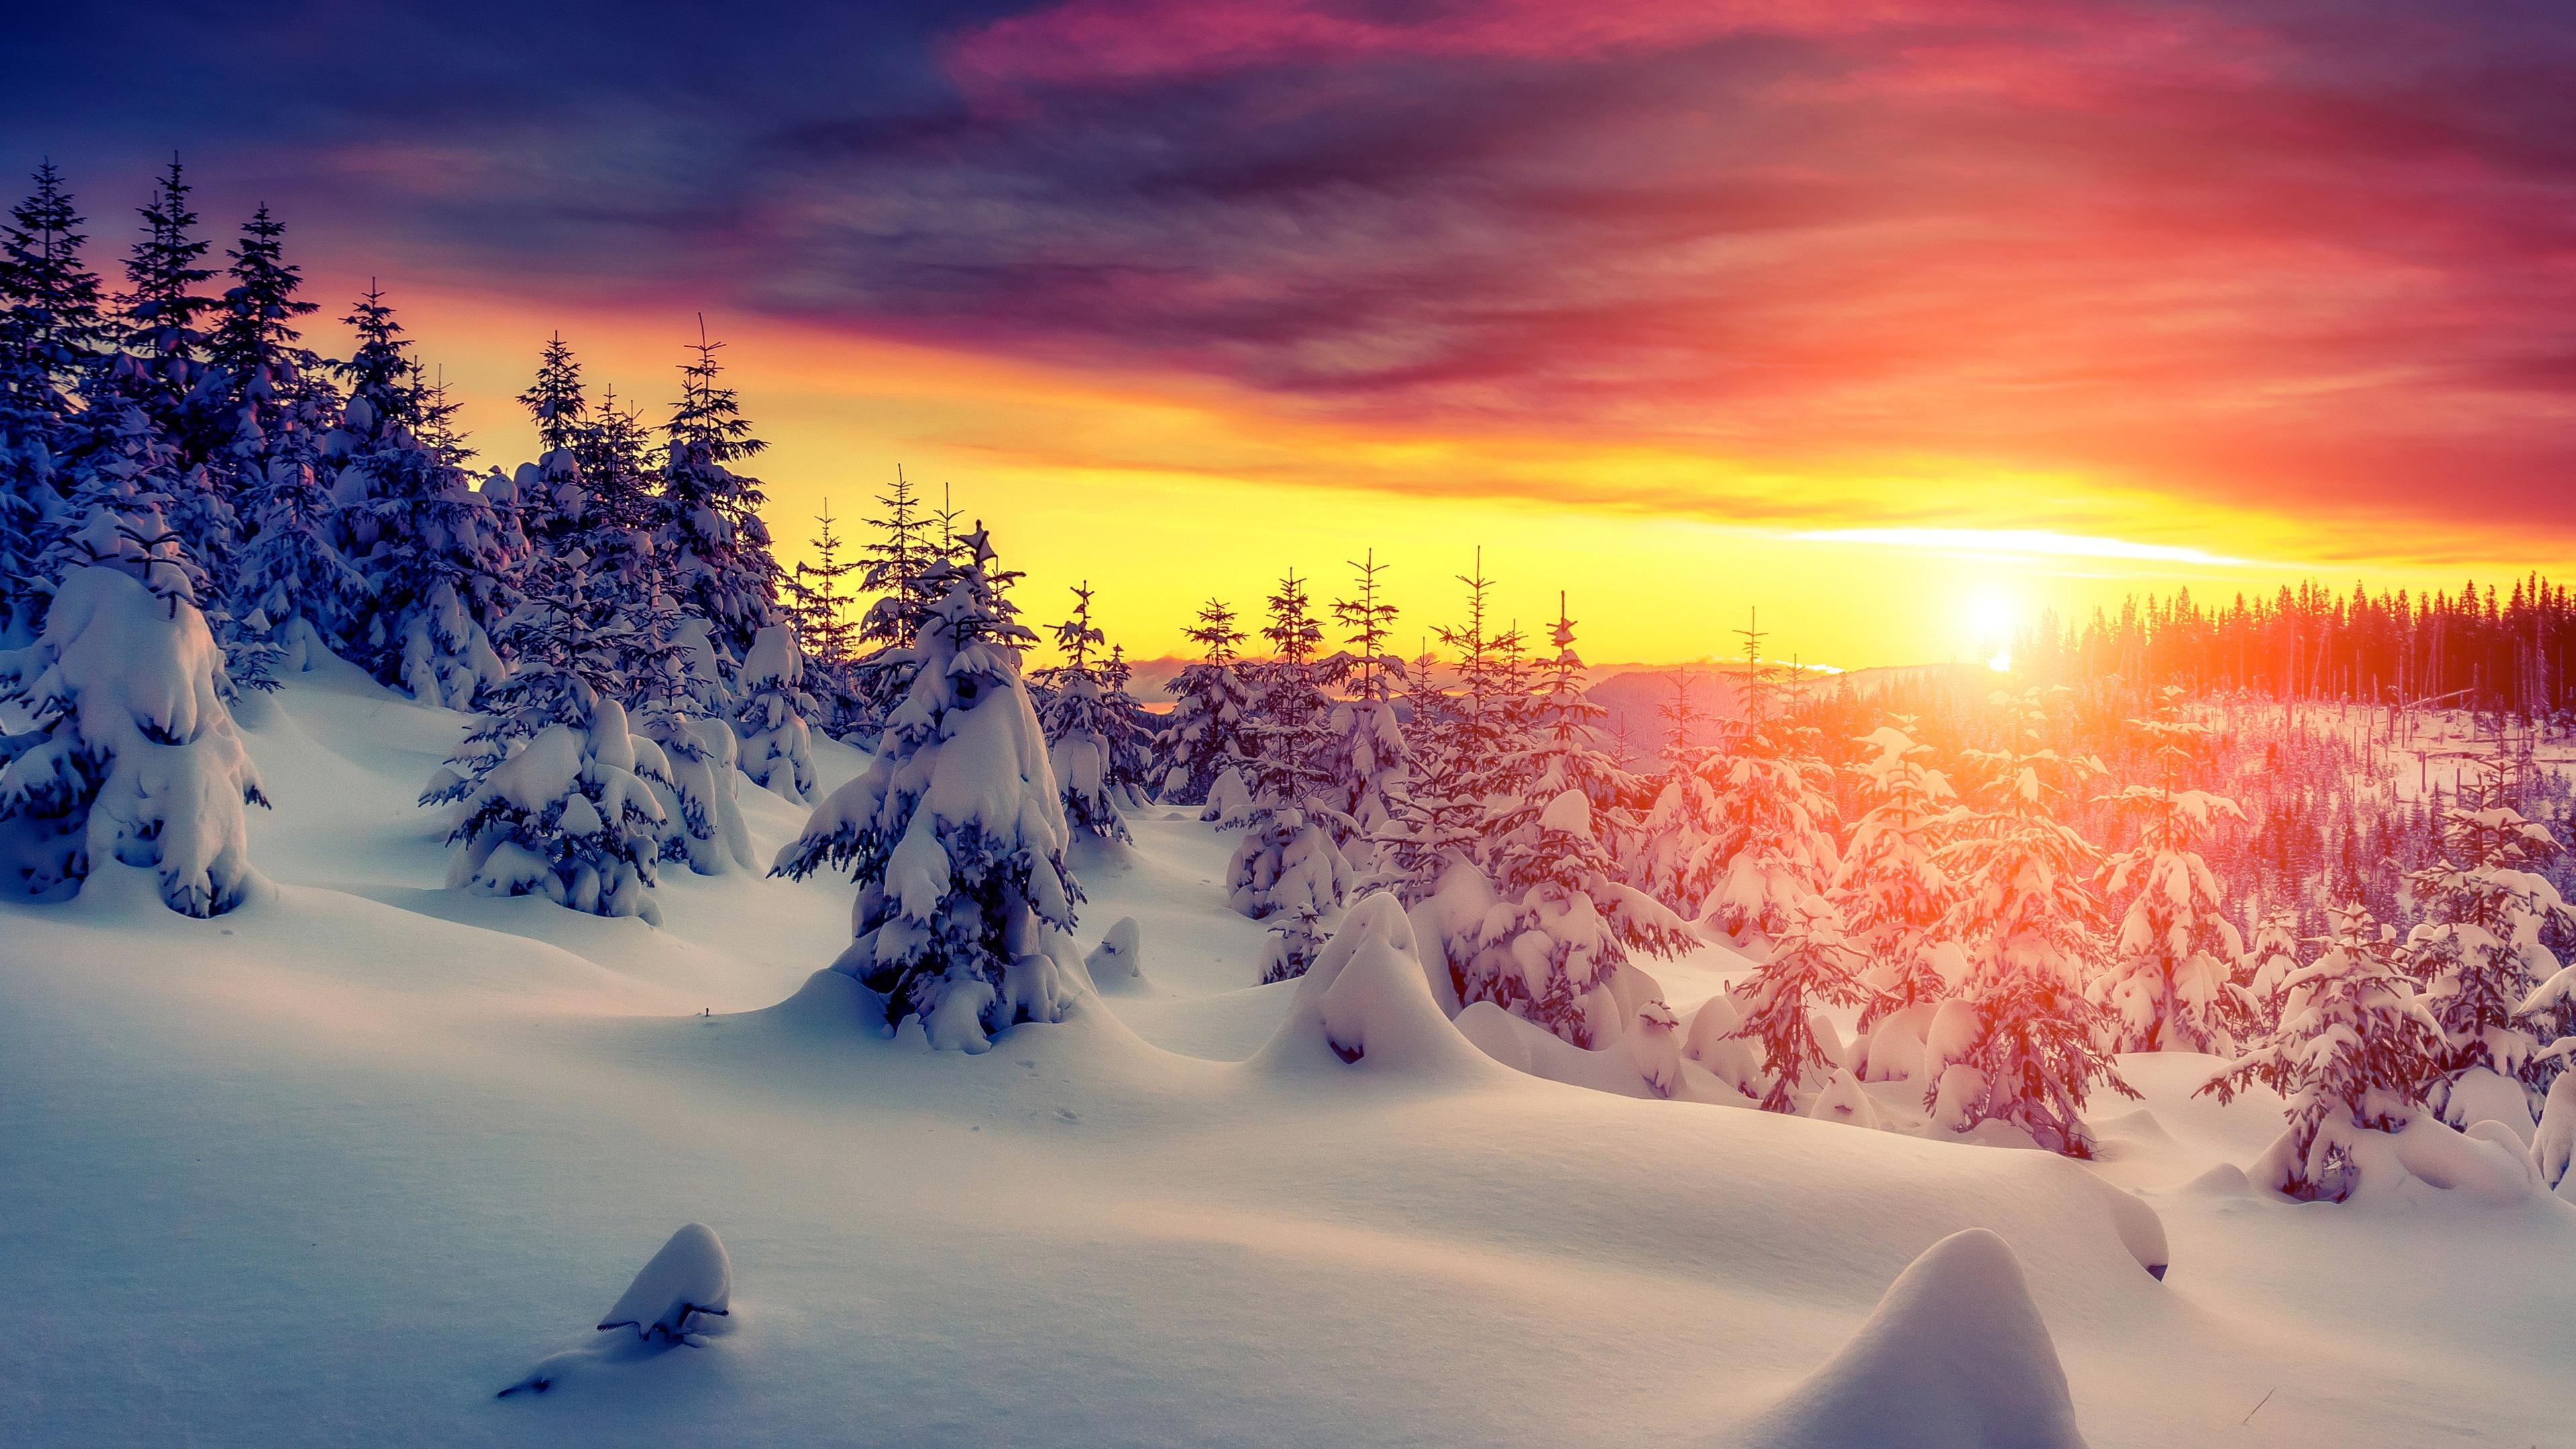 4k Winter Sunset 1280x720 Download Hd Wallpaper Wallpapertip